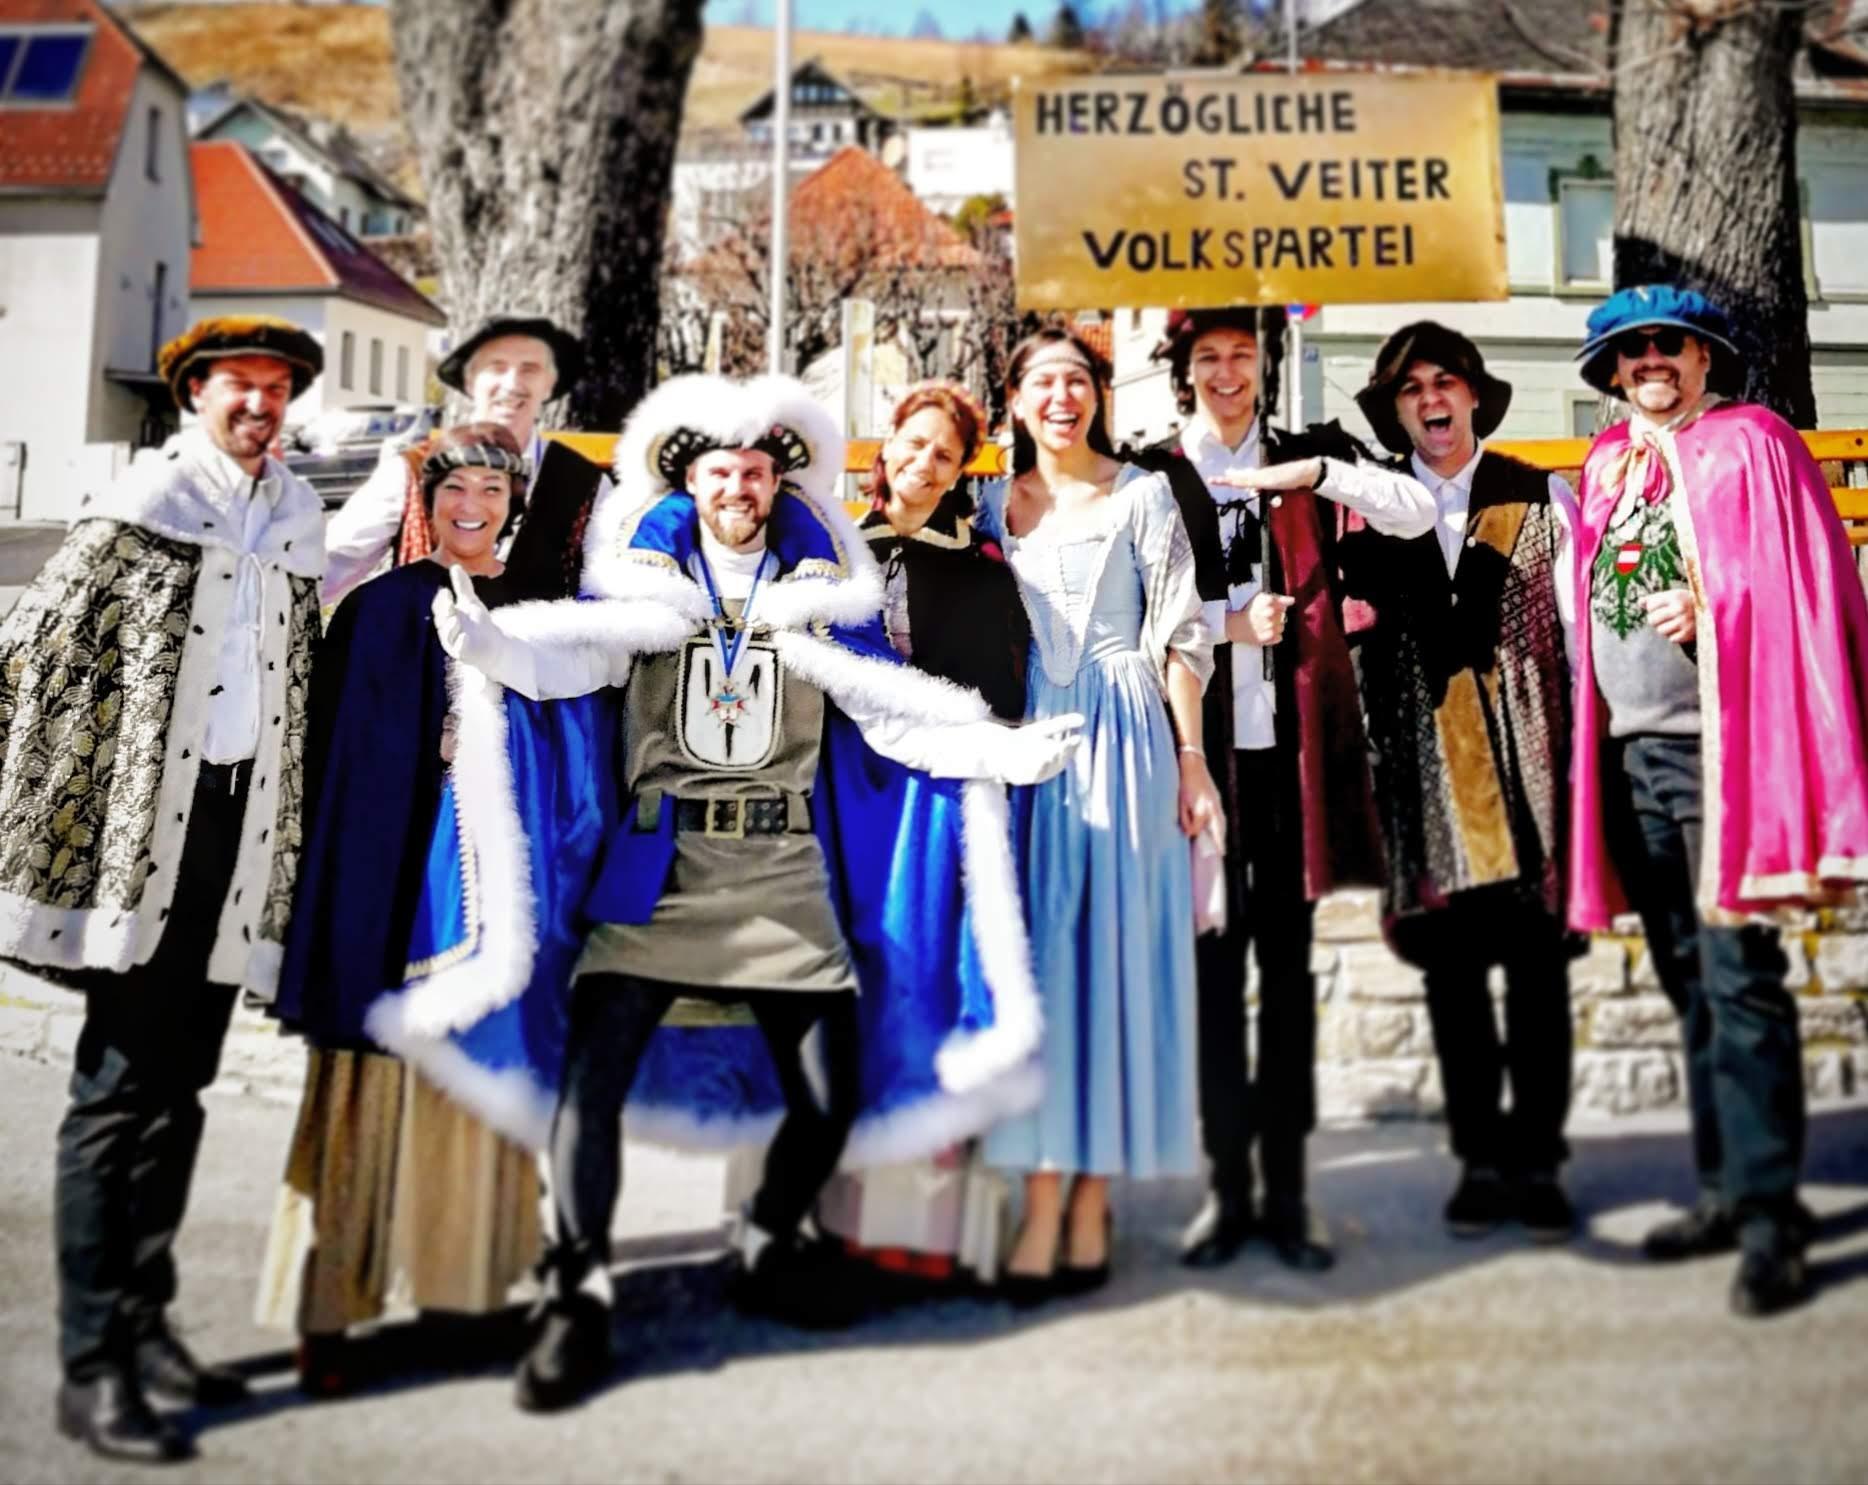 Vor Beginn des St, Veiter  Faschingsumzugs 2019: Herzog Philipp I. (vierter von links) freut sich über Vizebürgermeister Rudi Egger (erster von links) und seine Herzögliche St. Veiter Volkspartei.